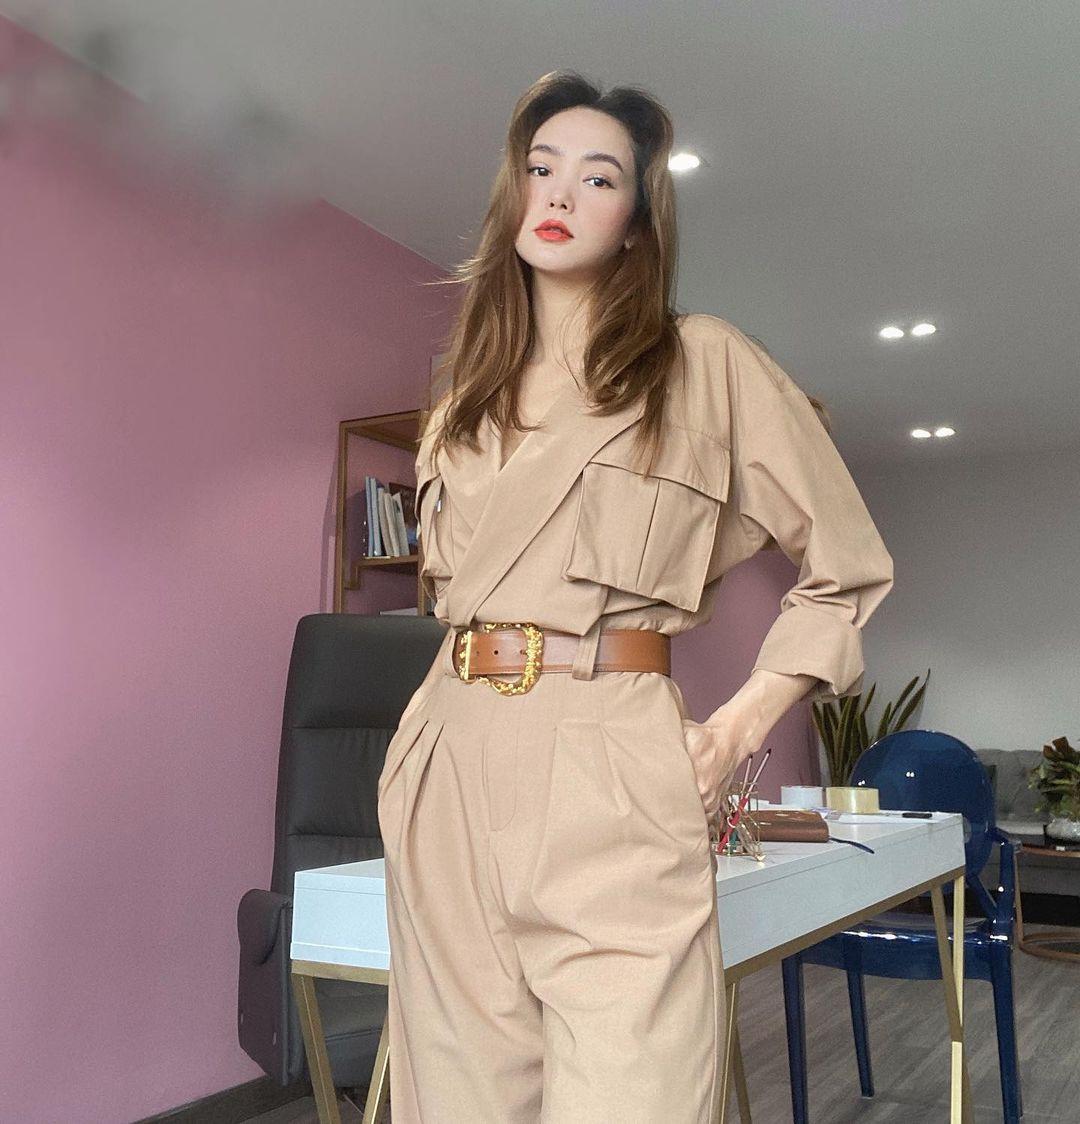 Instagram look của sao Việt tuần qua: Chi Pu khoe nội y lộ liễu, Huyền Baby mặc quần ngắn hiểm hóc - Ảnh 10.